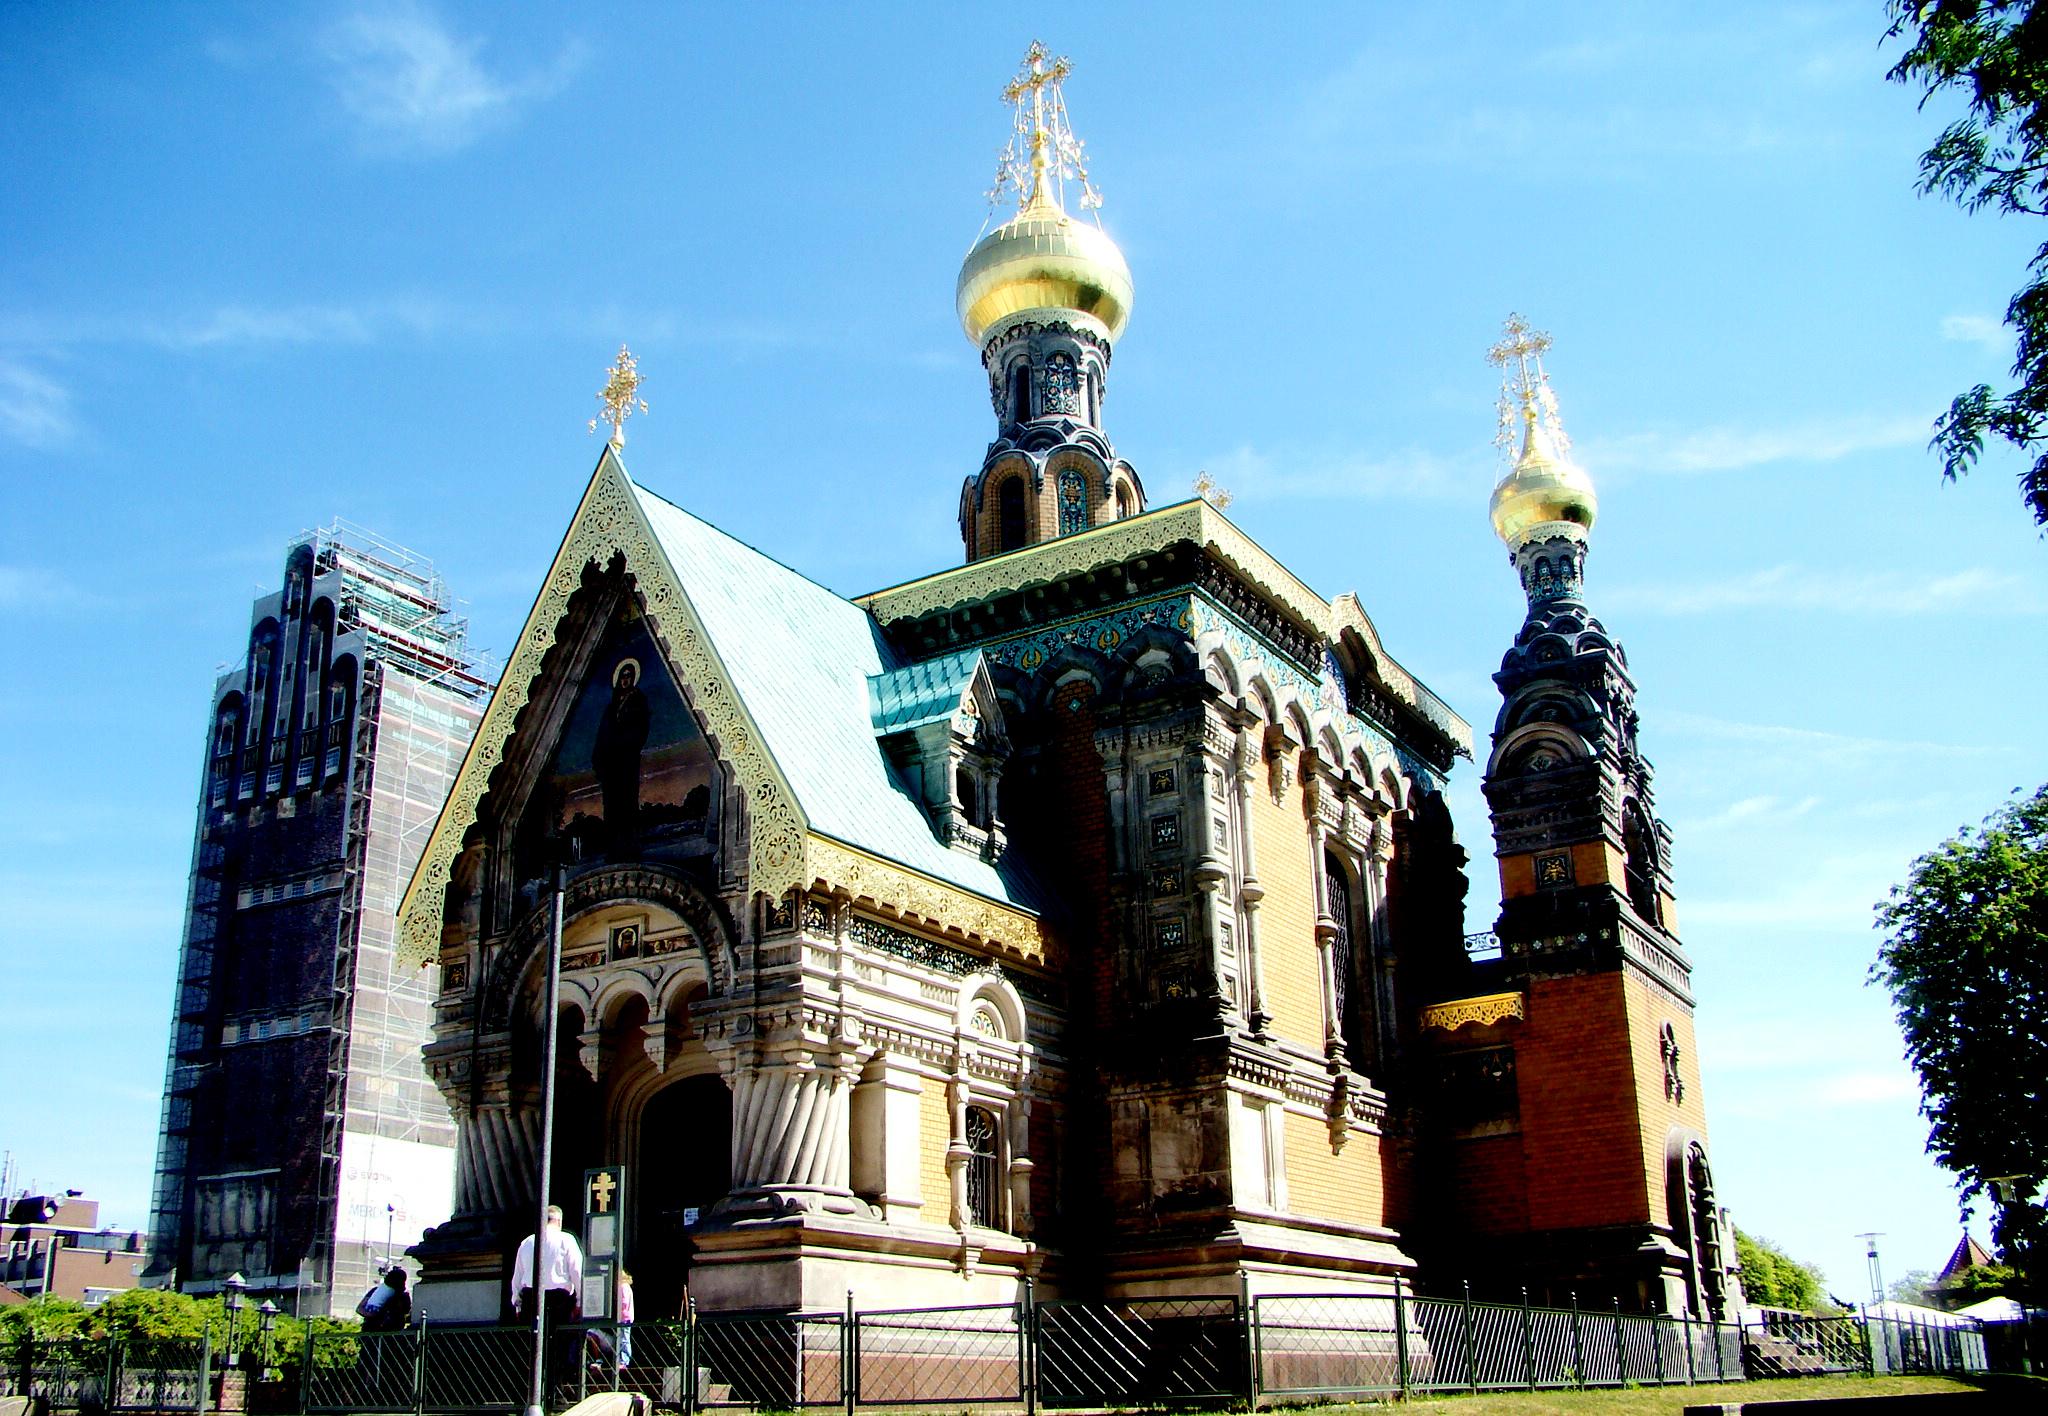 Rusia - s Top 10 Atracciones Turísticas